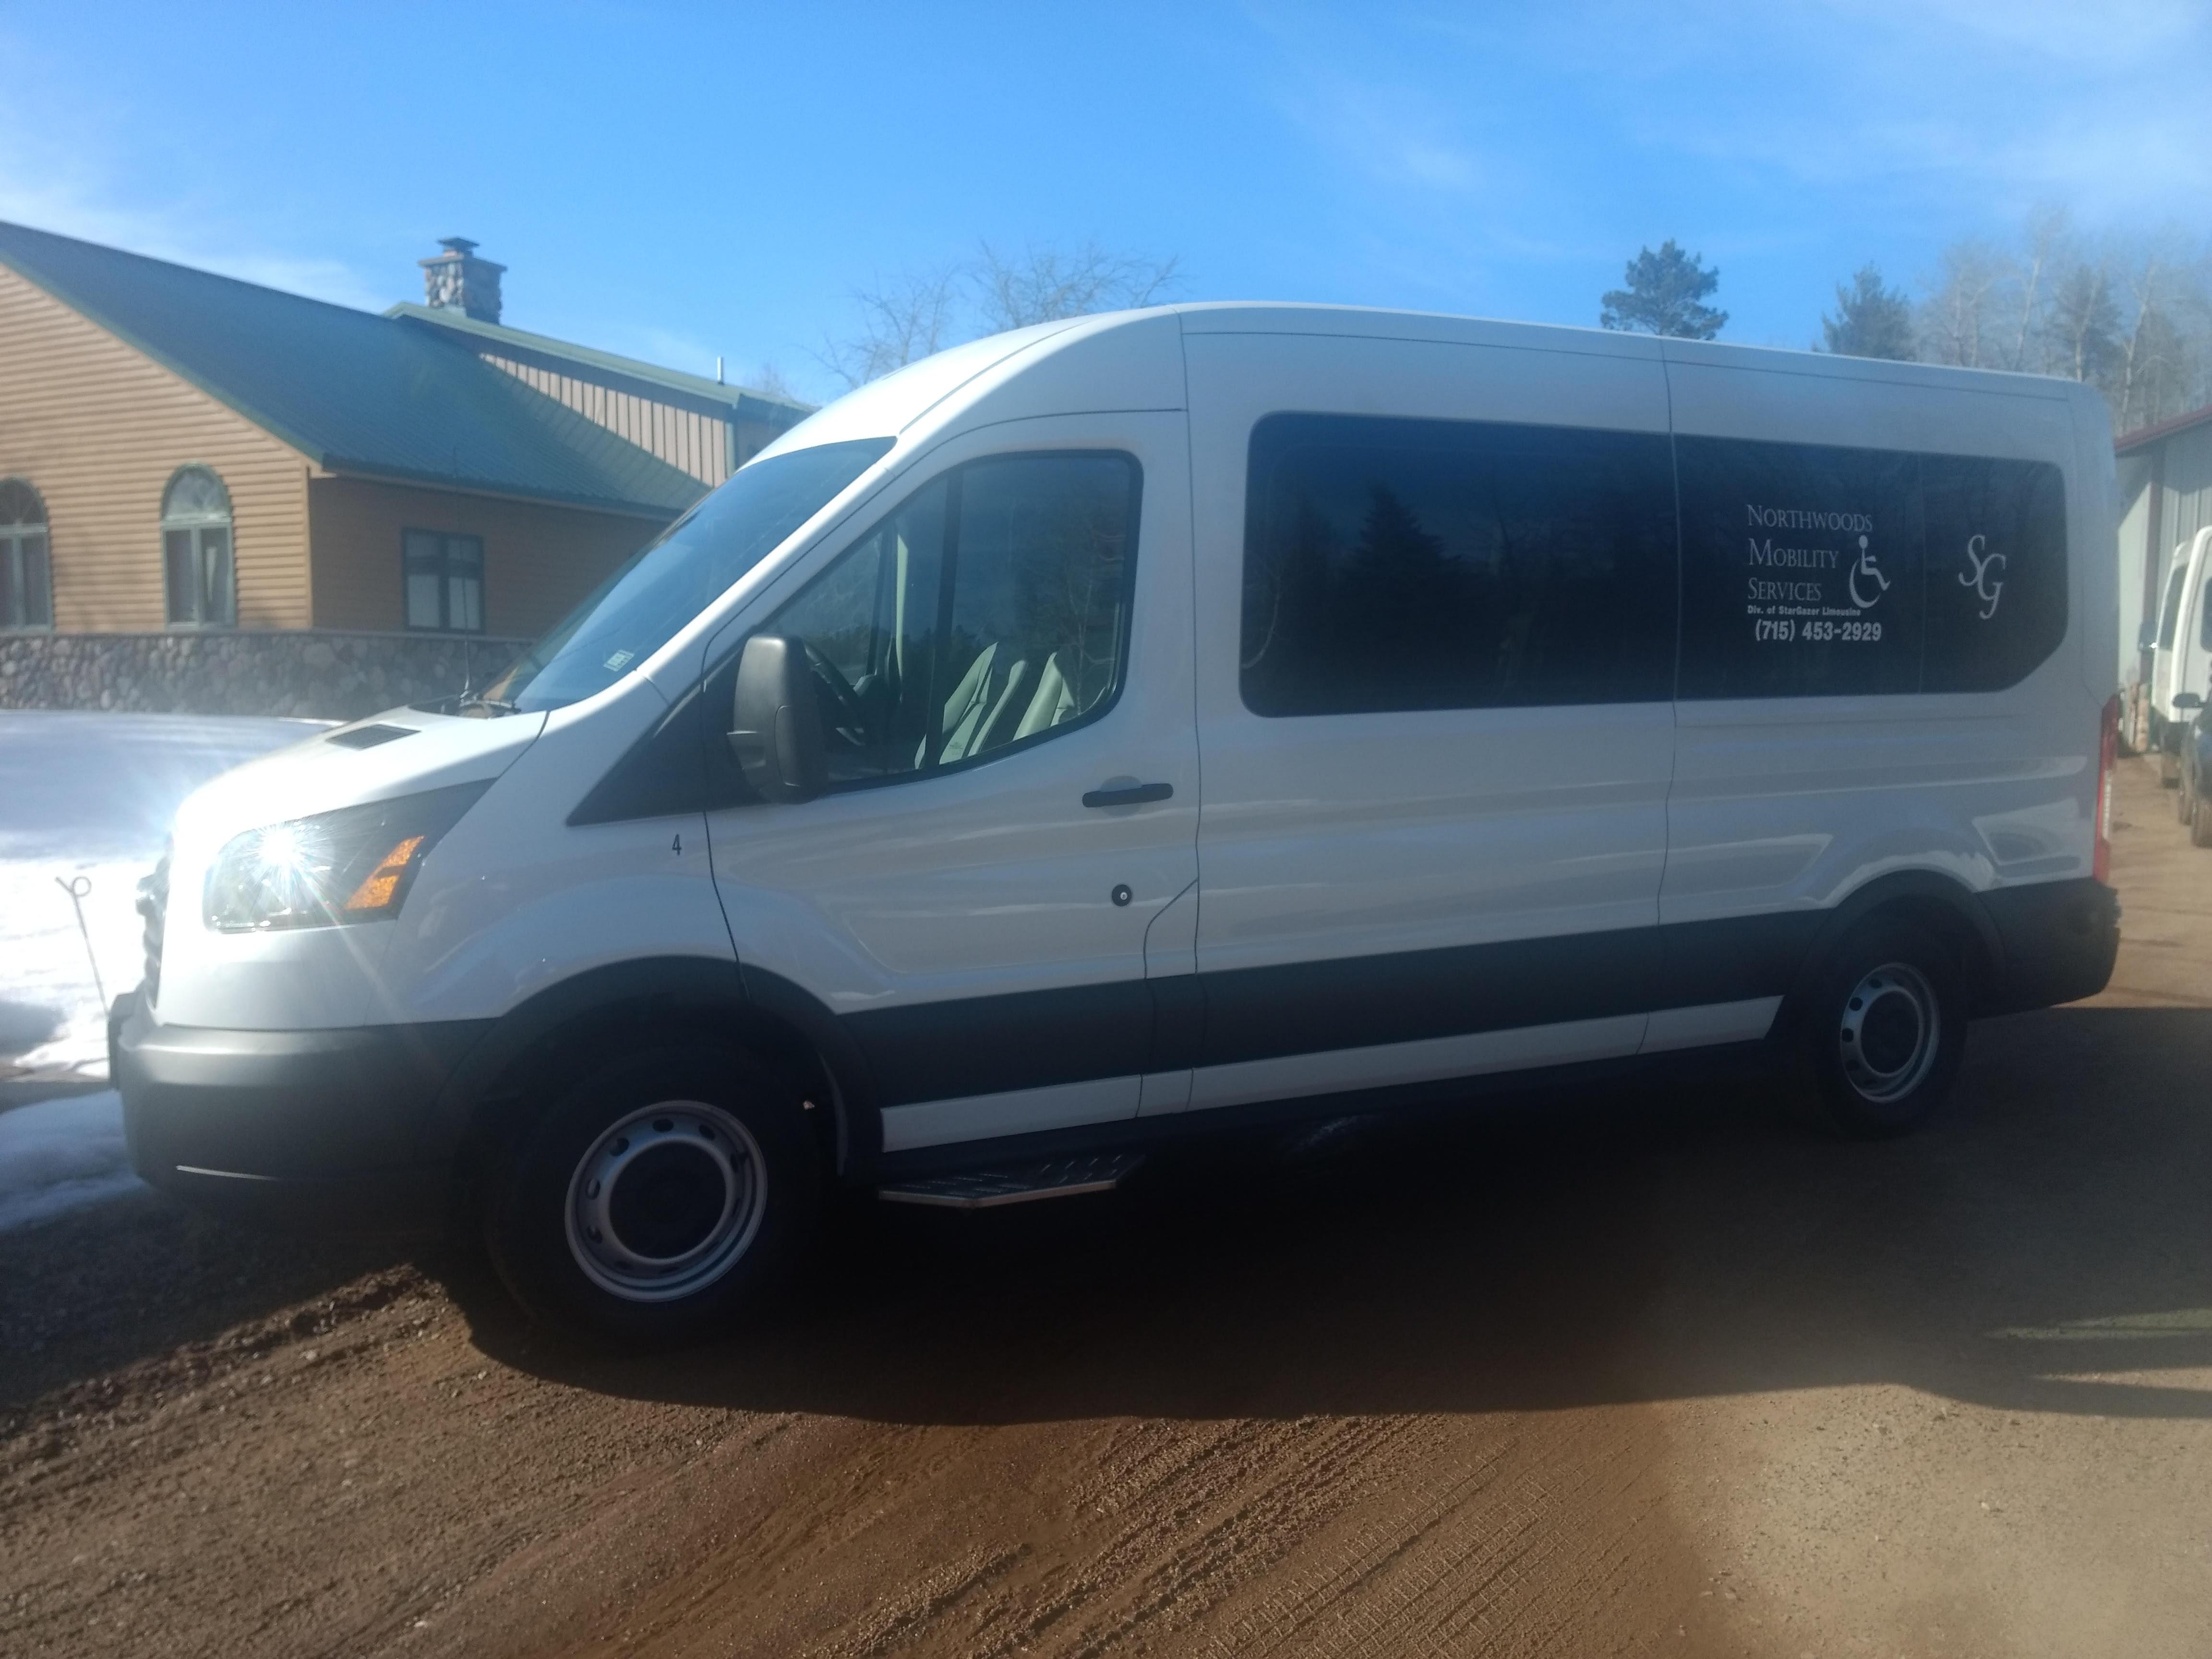 Stargazer Limousine Service Transportaion Services